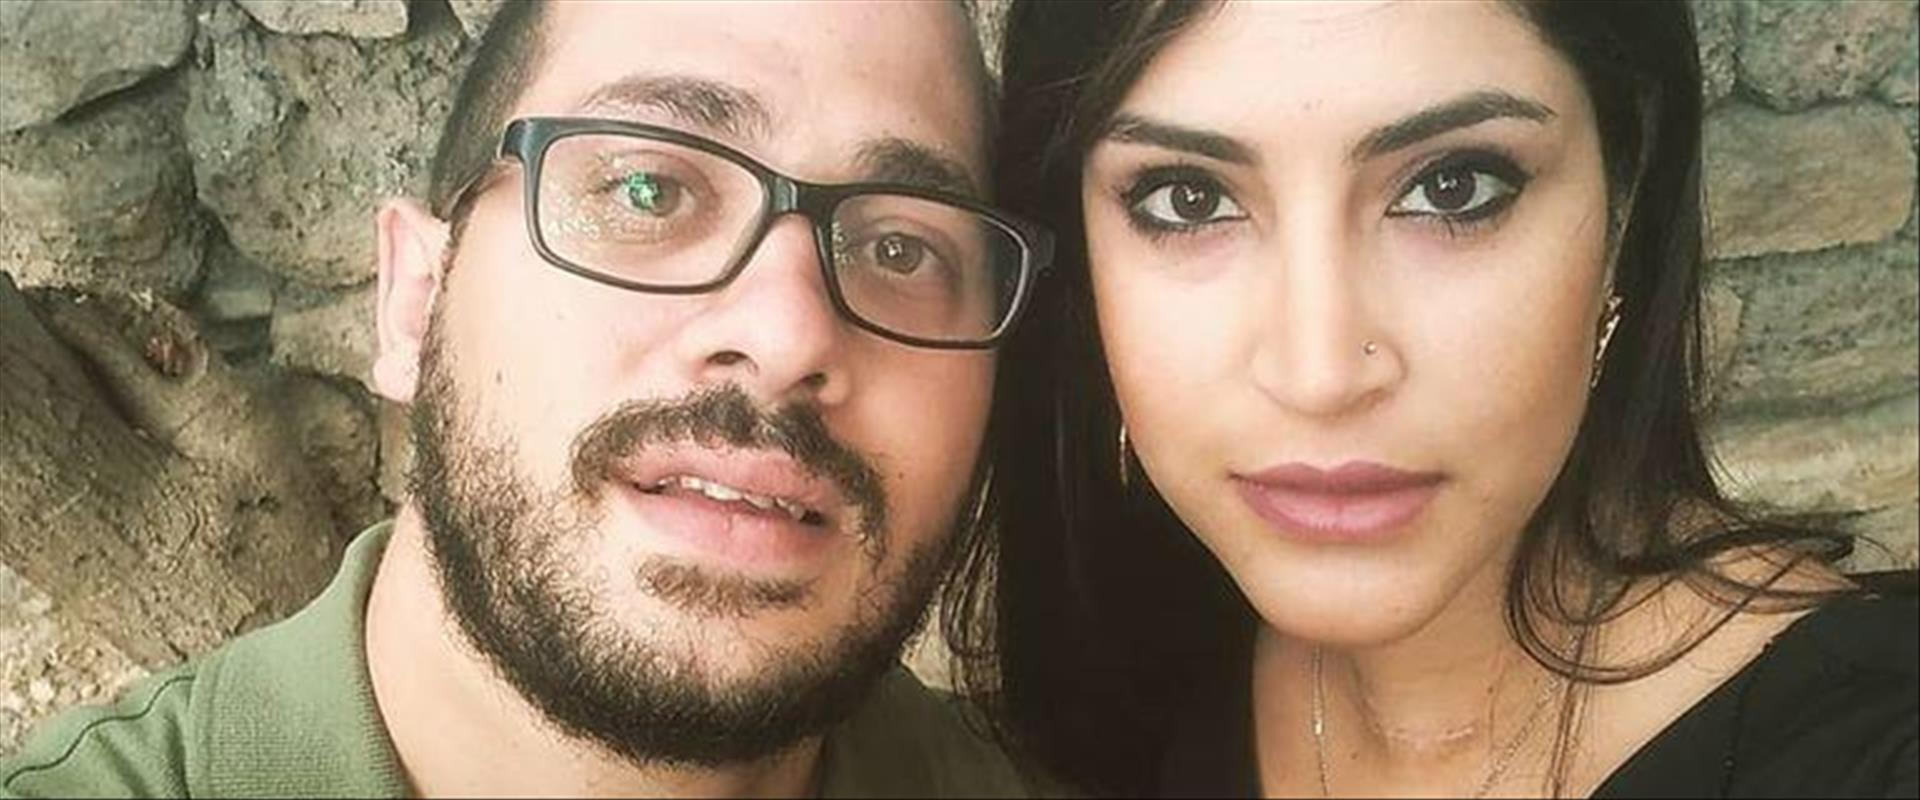 ביירות חמוד ובלאל ביזרי, מפעילי חיזבאללה מלבנון